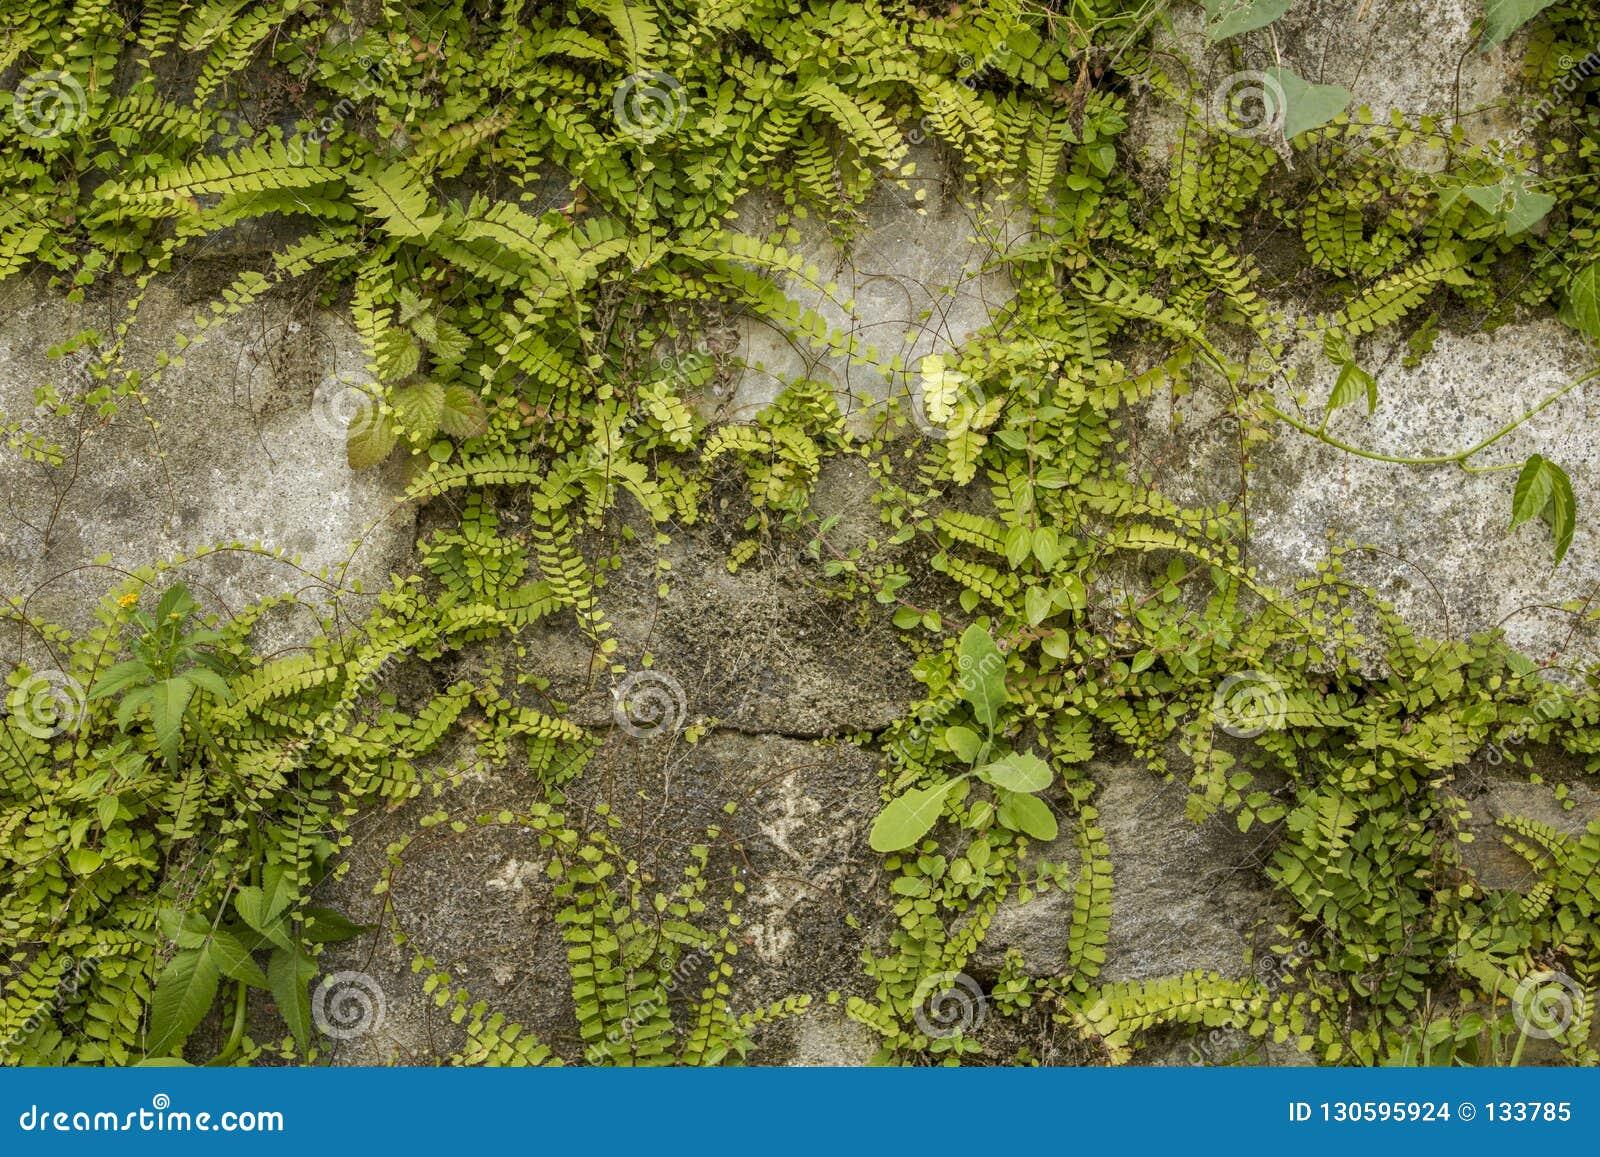 Ściana szarość kamienie z obfitą zieloną roślinnością projekta wysoki ilustraci krajobrazu planu fabuły postanowienie